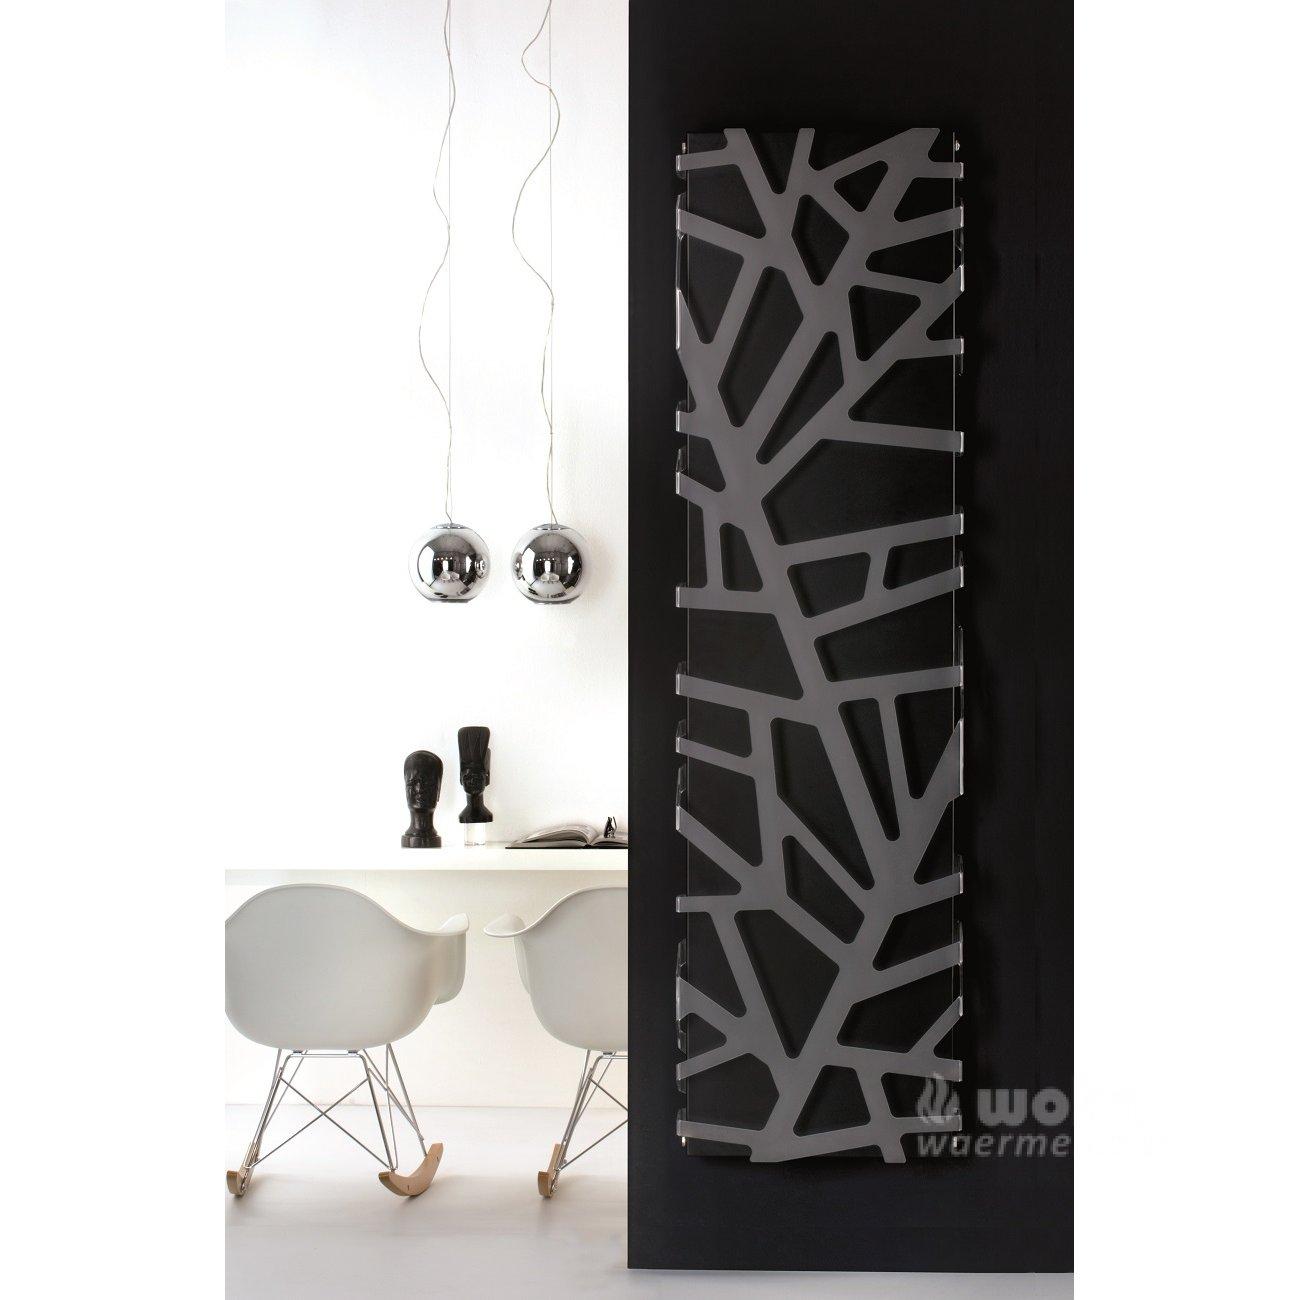 Design Heizkörper Flur Beautiful Design Heizung Wohnzimmer: Caleido FLORA Wandheizkörper